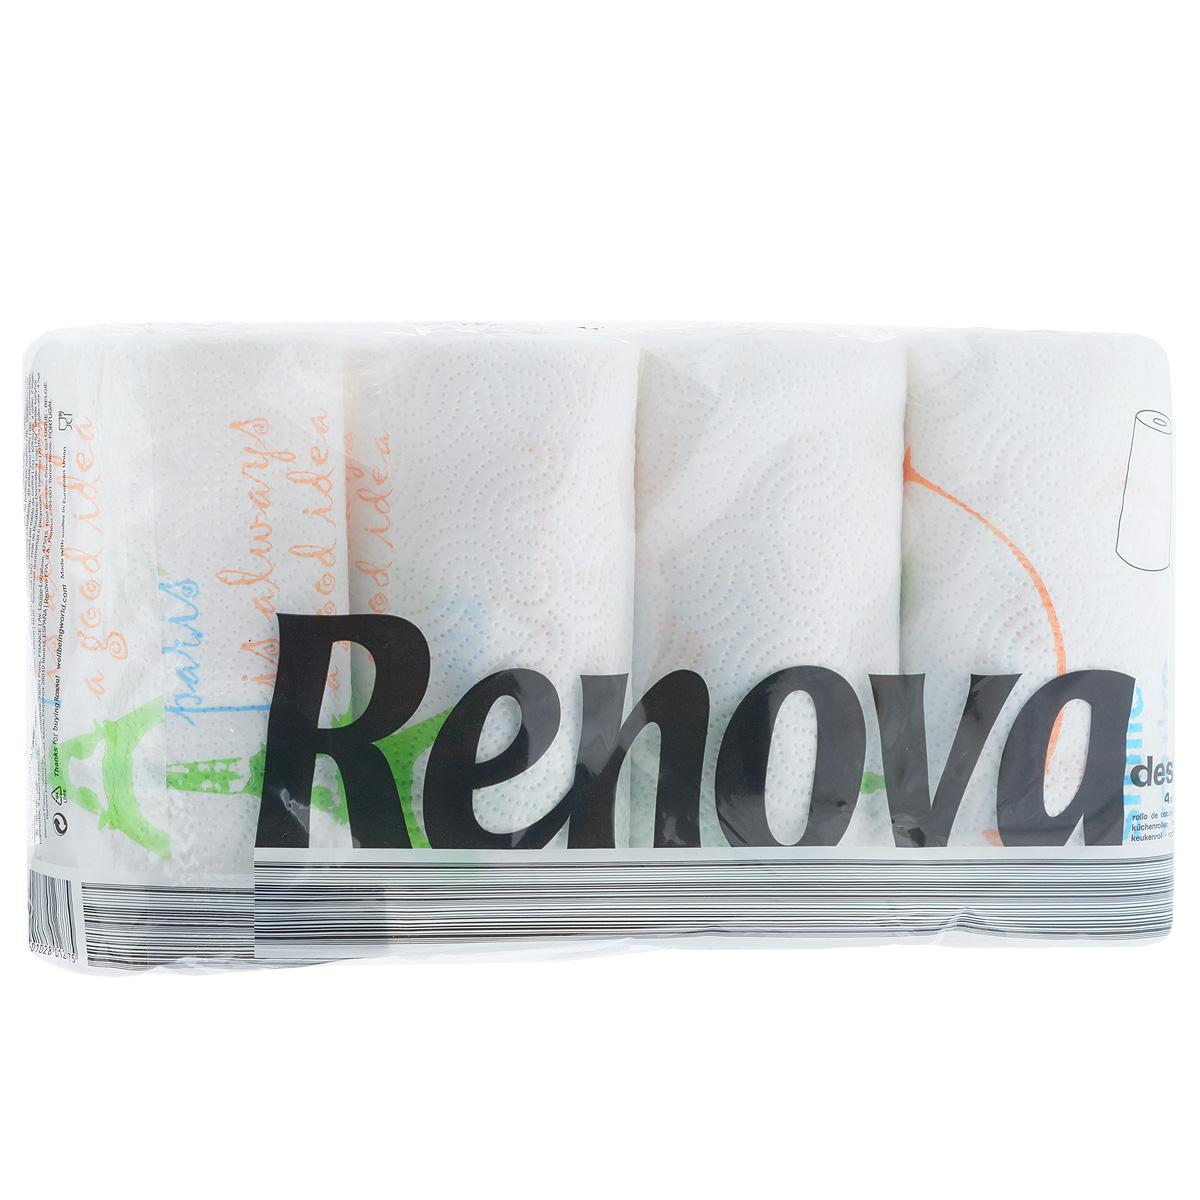 Полотенца бумажные Renova Design, двухслойные, цвет: белый, 4 рулона200046924Полотенца Renova Design оригинального оформления, выполнены из 100% целлюлозы. Мягкие полотенца идеальны для ежедневного ухода, благодаря тому, что они хорошо удерживают влагу. Также полотенца Renova Design дополнят интерьер вашей кухни. Состав: 100% целлюлоза. Количество листов: 40 шт. Количество слоев: 2. Количество рулонов: 4 шт. Португальская компания Renova является ведущим разработчиком новейших технологий производства, нового стиля и направления на рынке гигиенической продукции. Современный дизайн и высочайшее качество, дерматологический контроль - это то, что выделяет компанию Renova среди других производителей бумажной санитарно-гигиенической продукции.